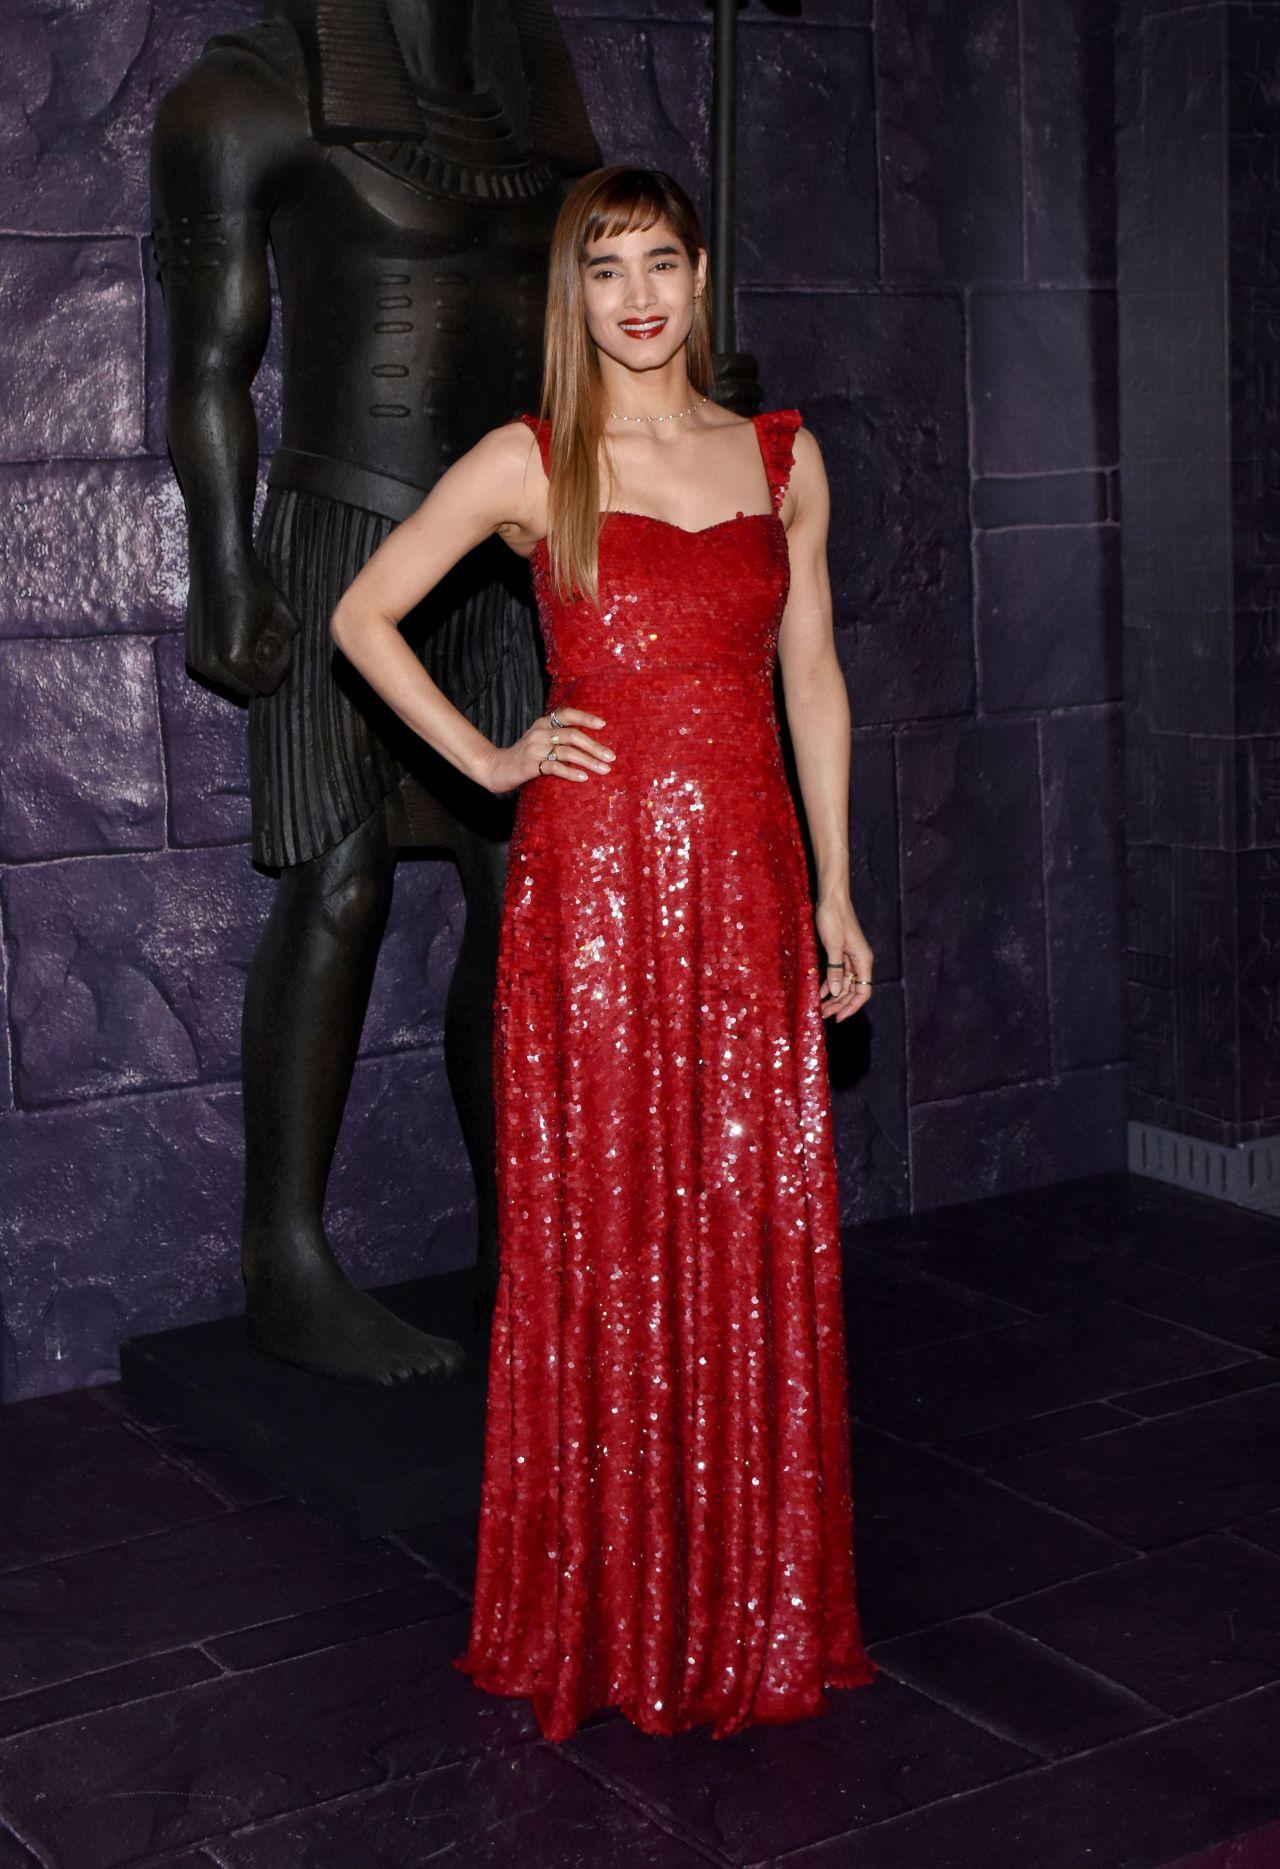 Sofia Boutella The Mummy Premiere In Mexico City 06 05